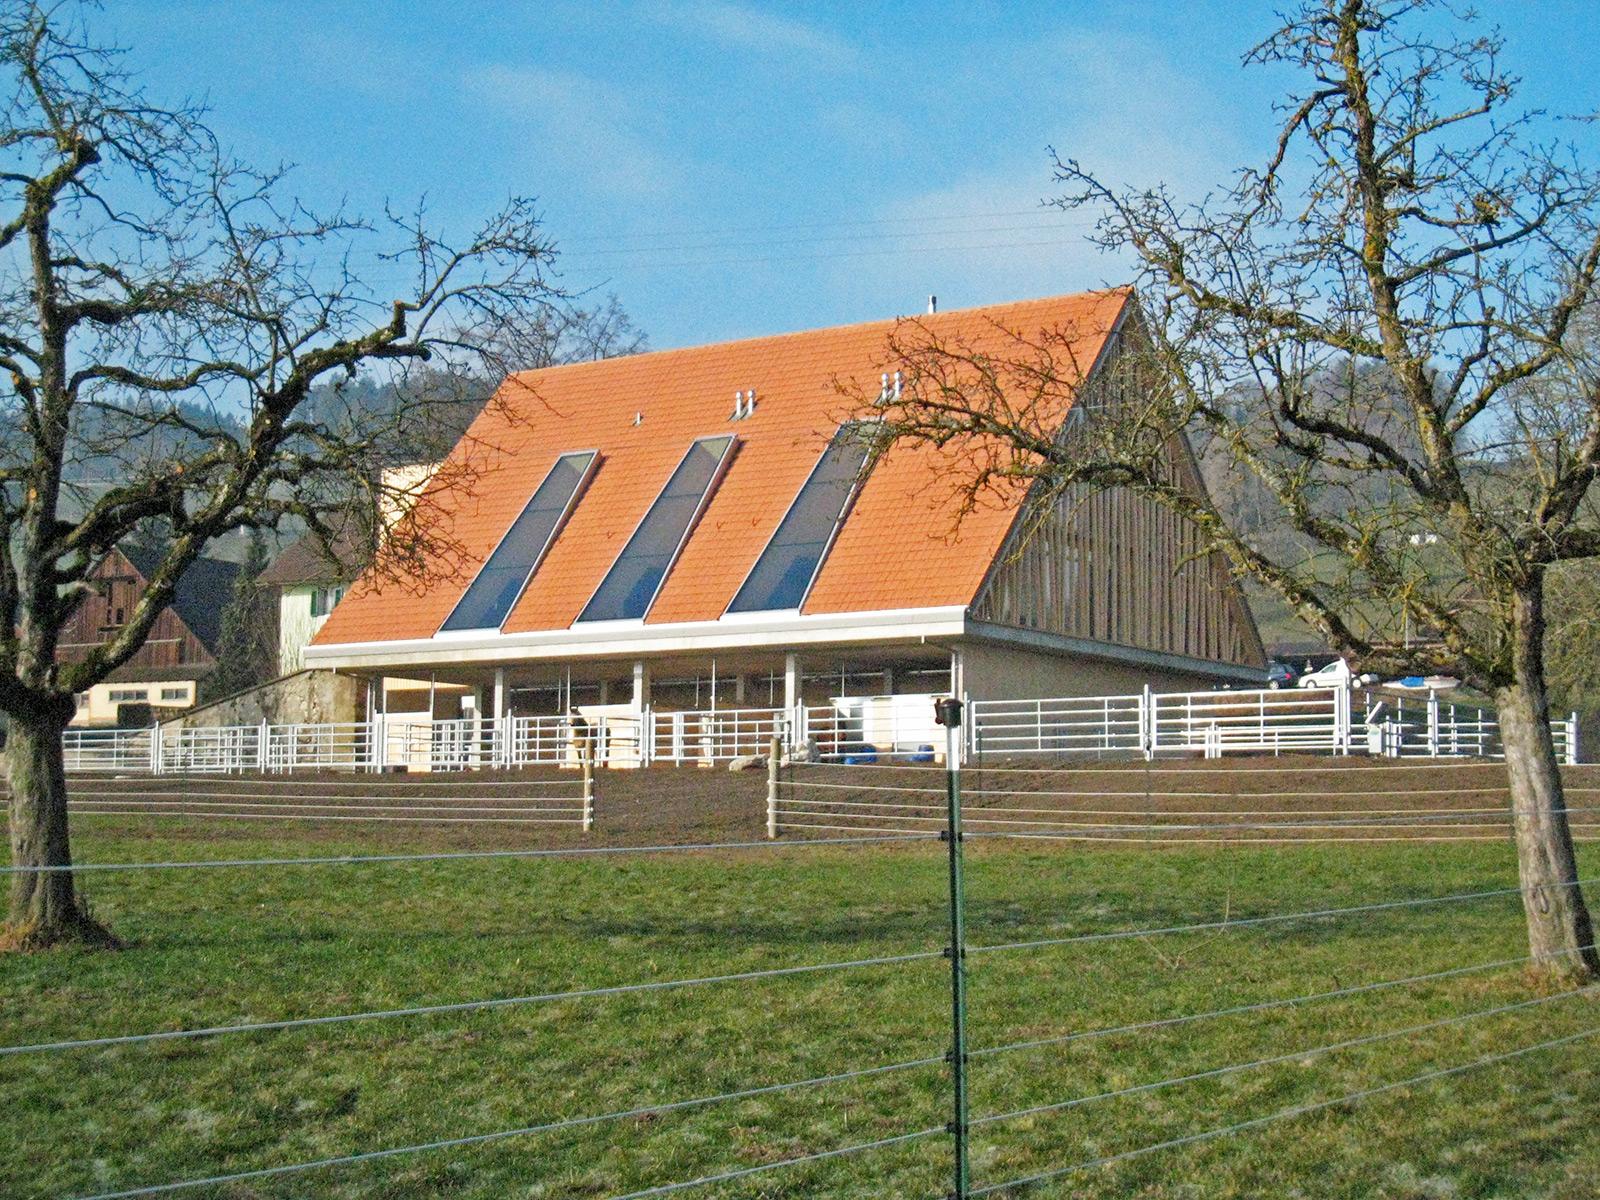 wiggwil farm, paddock view